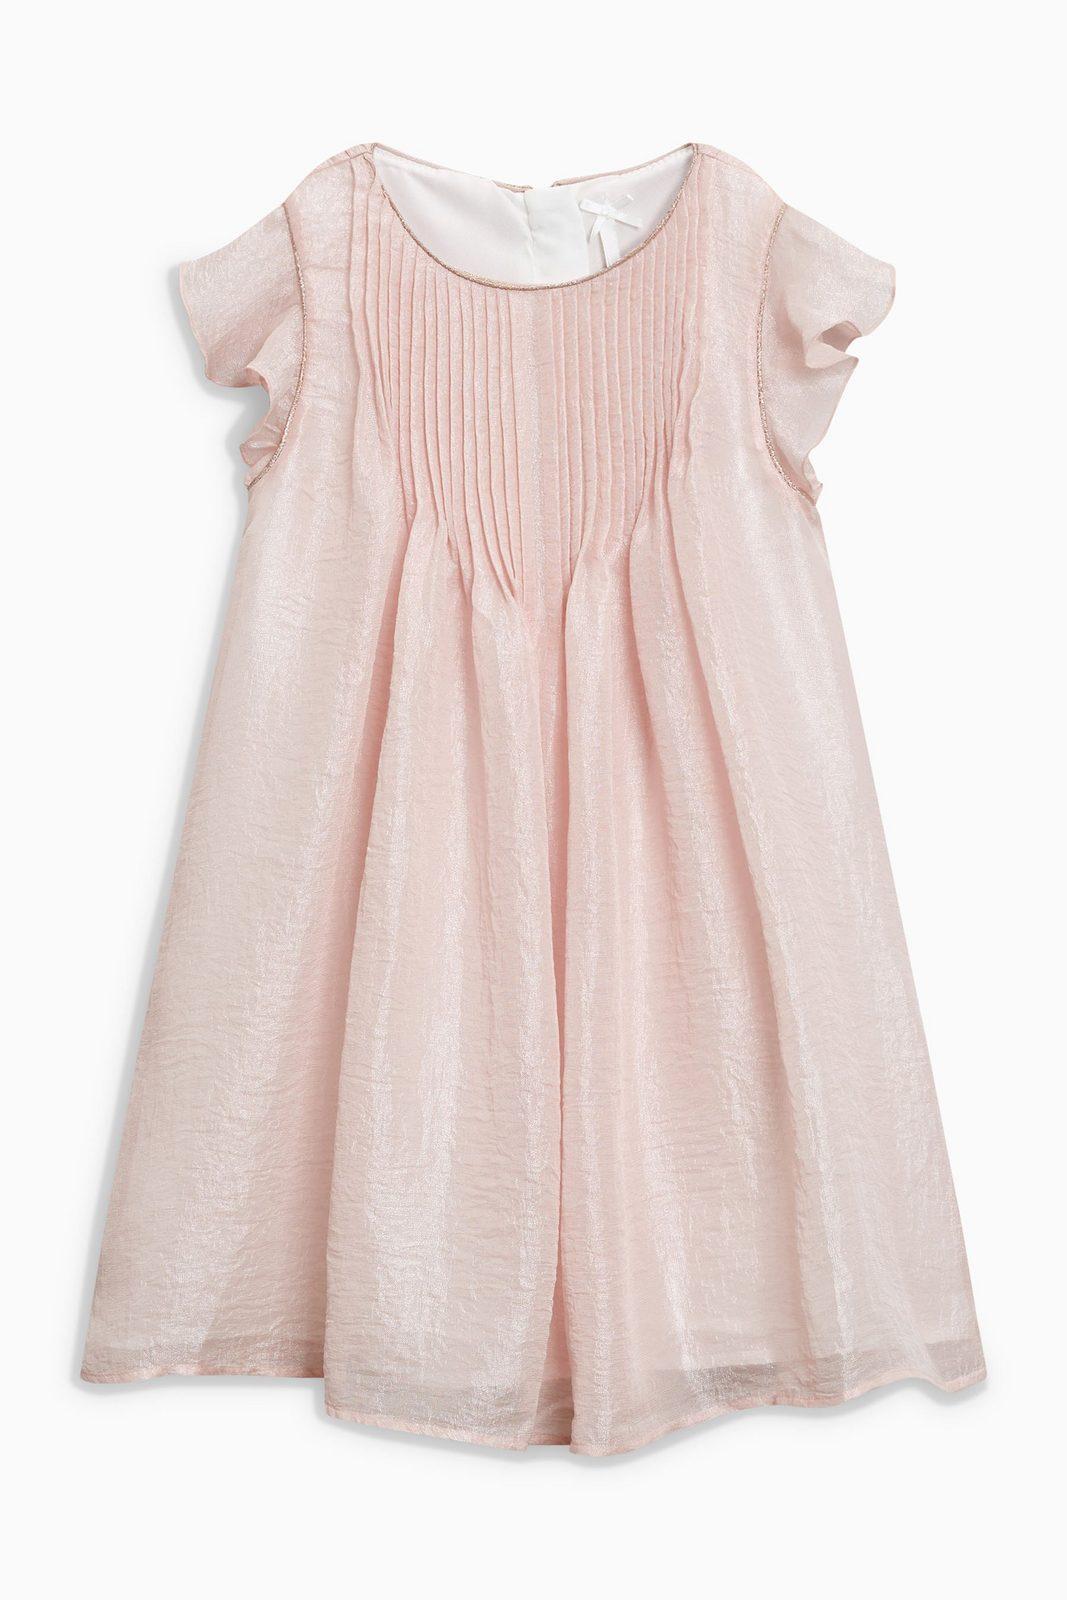 Next Kleid mit Biesen - broschei